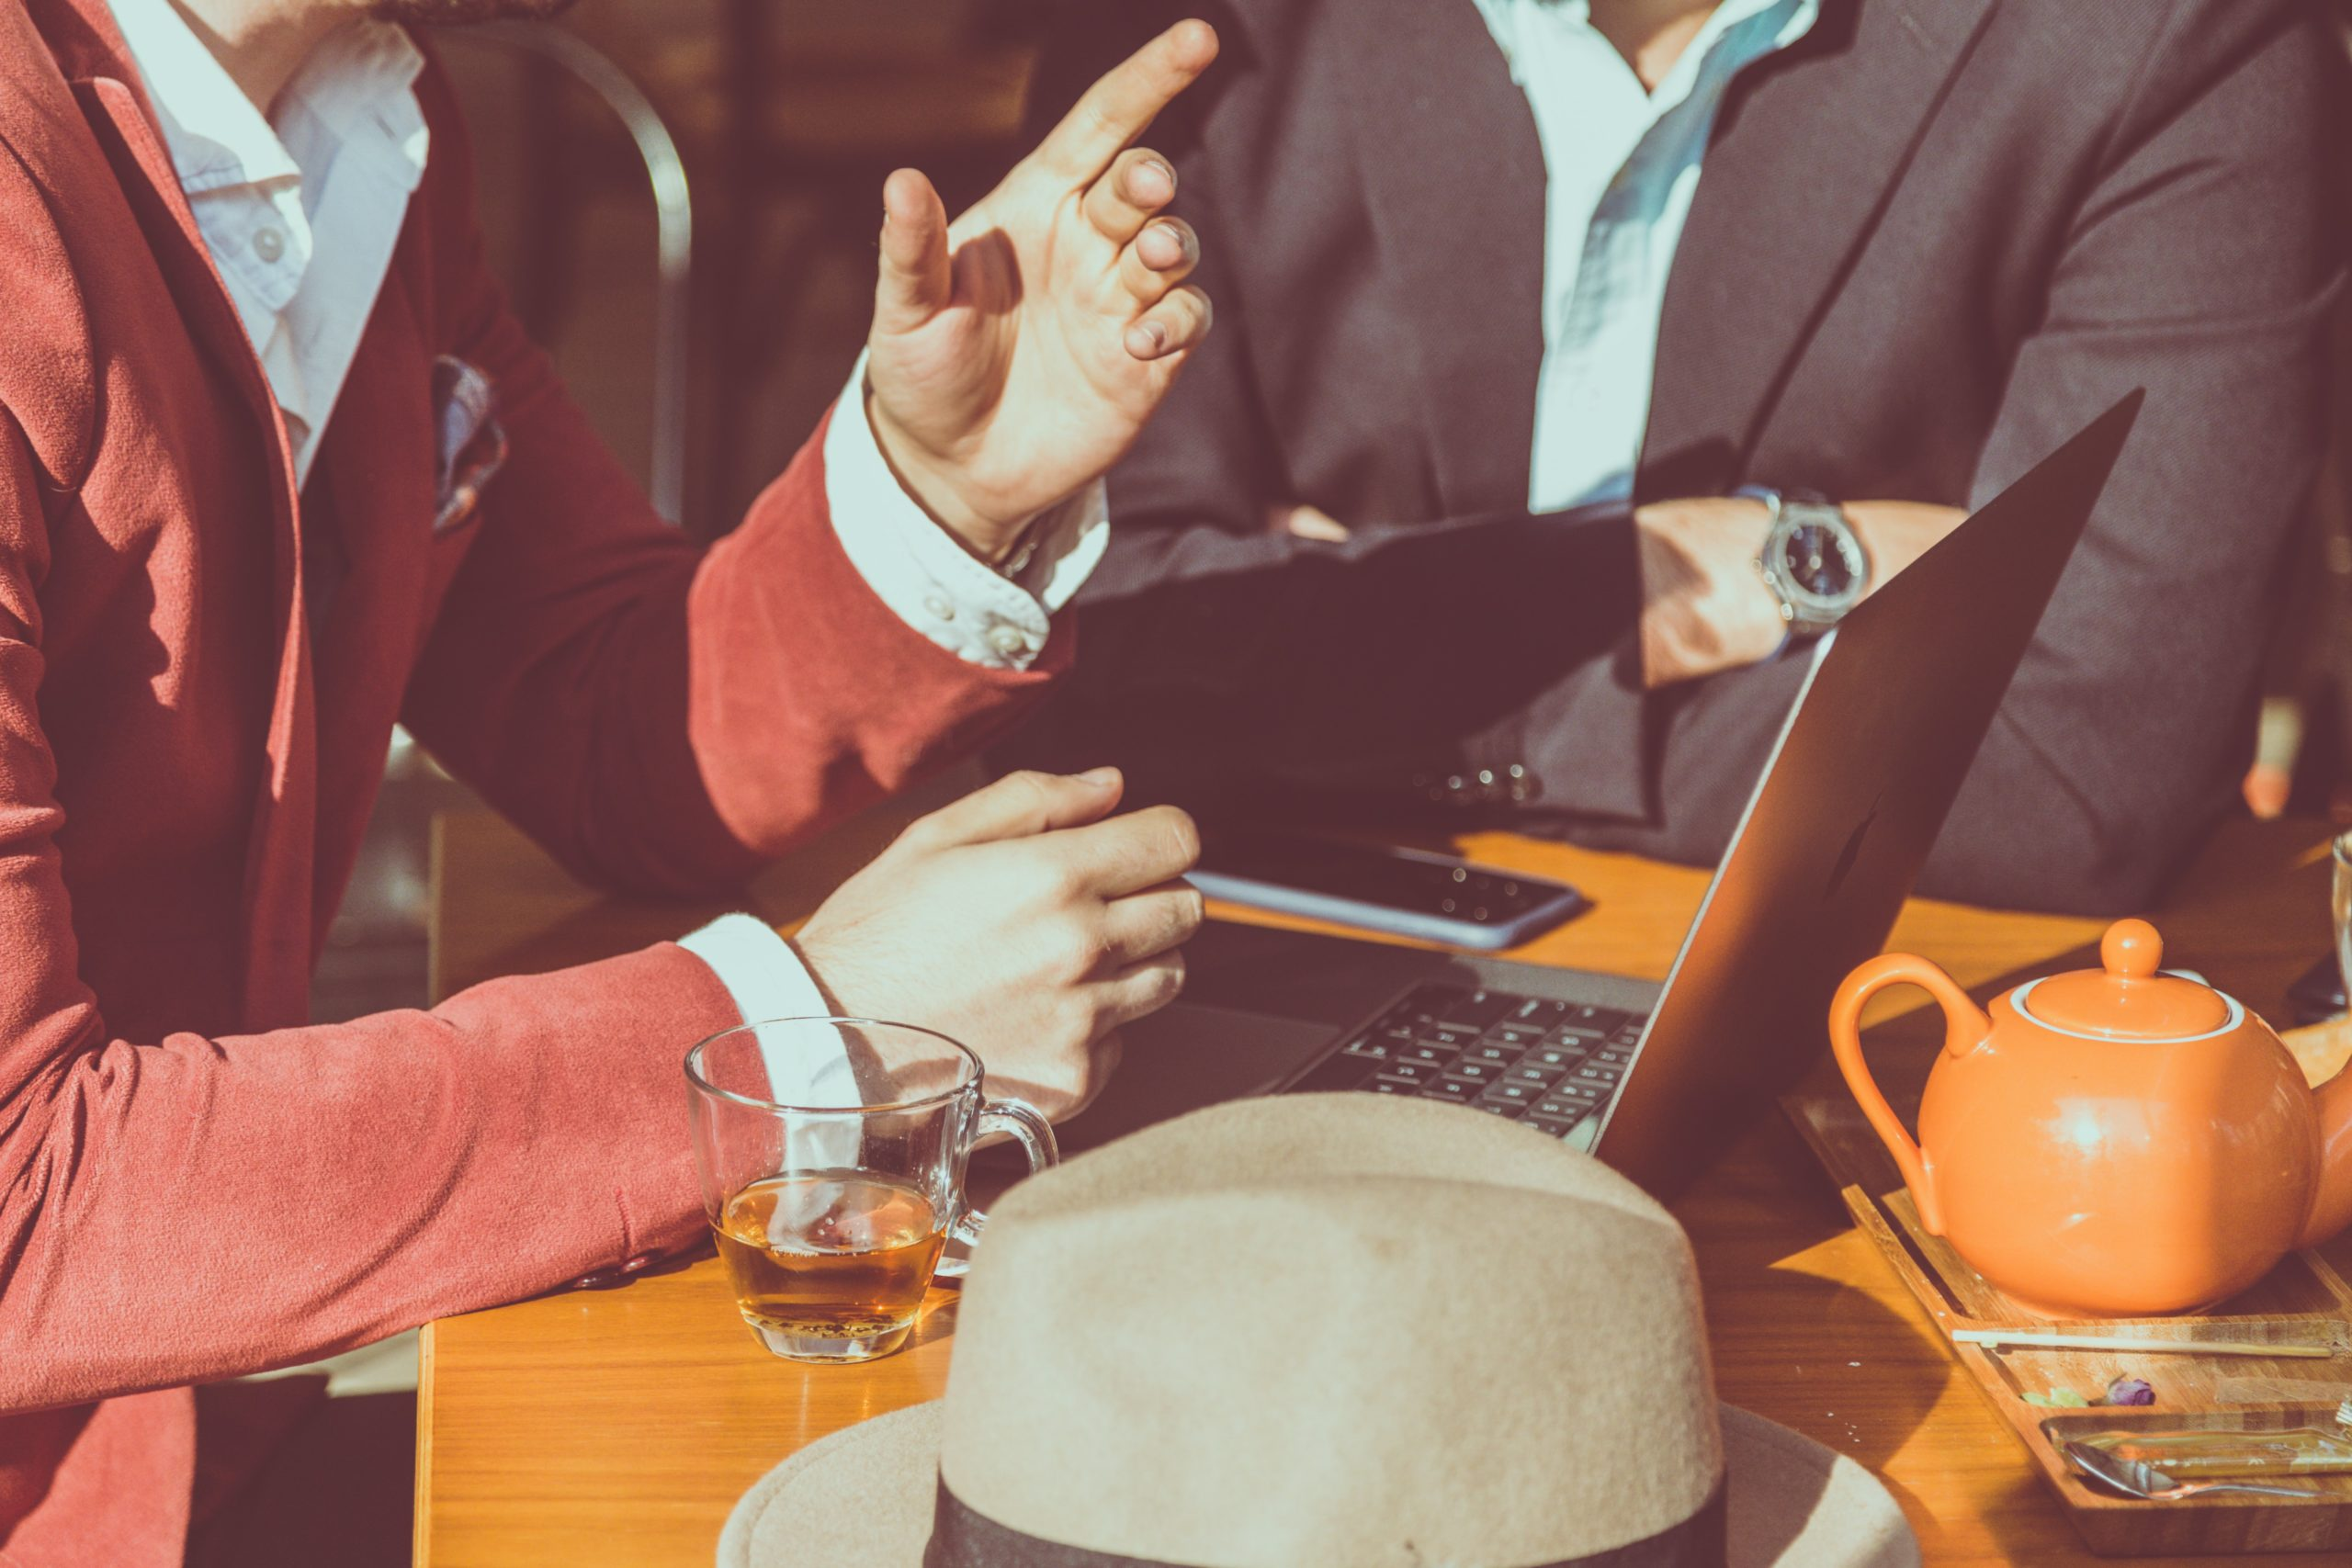 上司が尊敬できない時の5つの対処法【最低限の関わりだけ持っておけばOK】